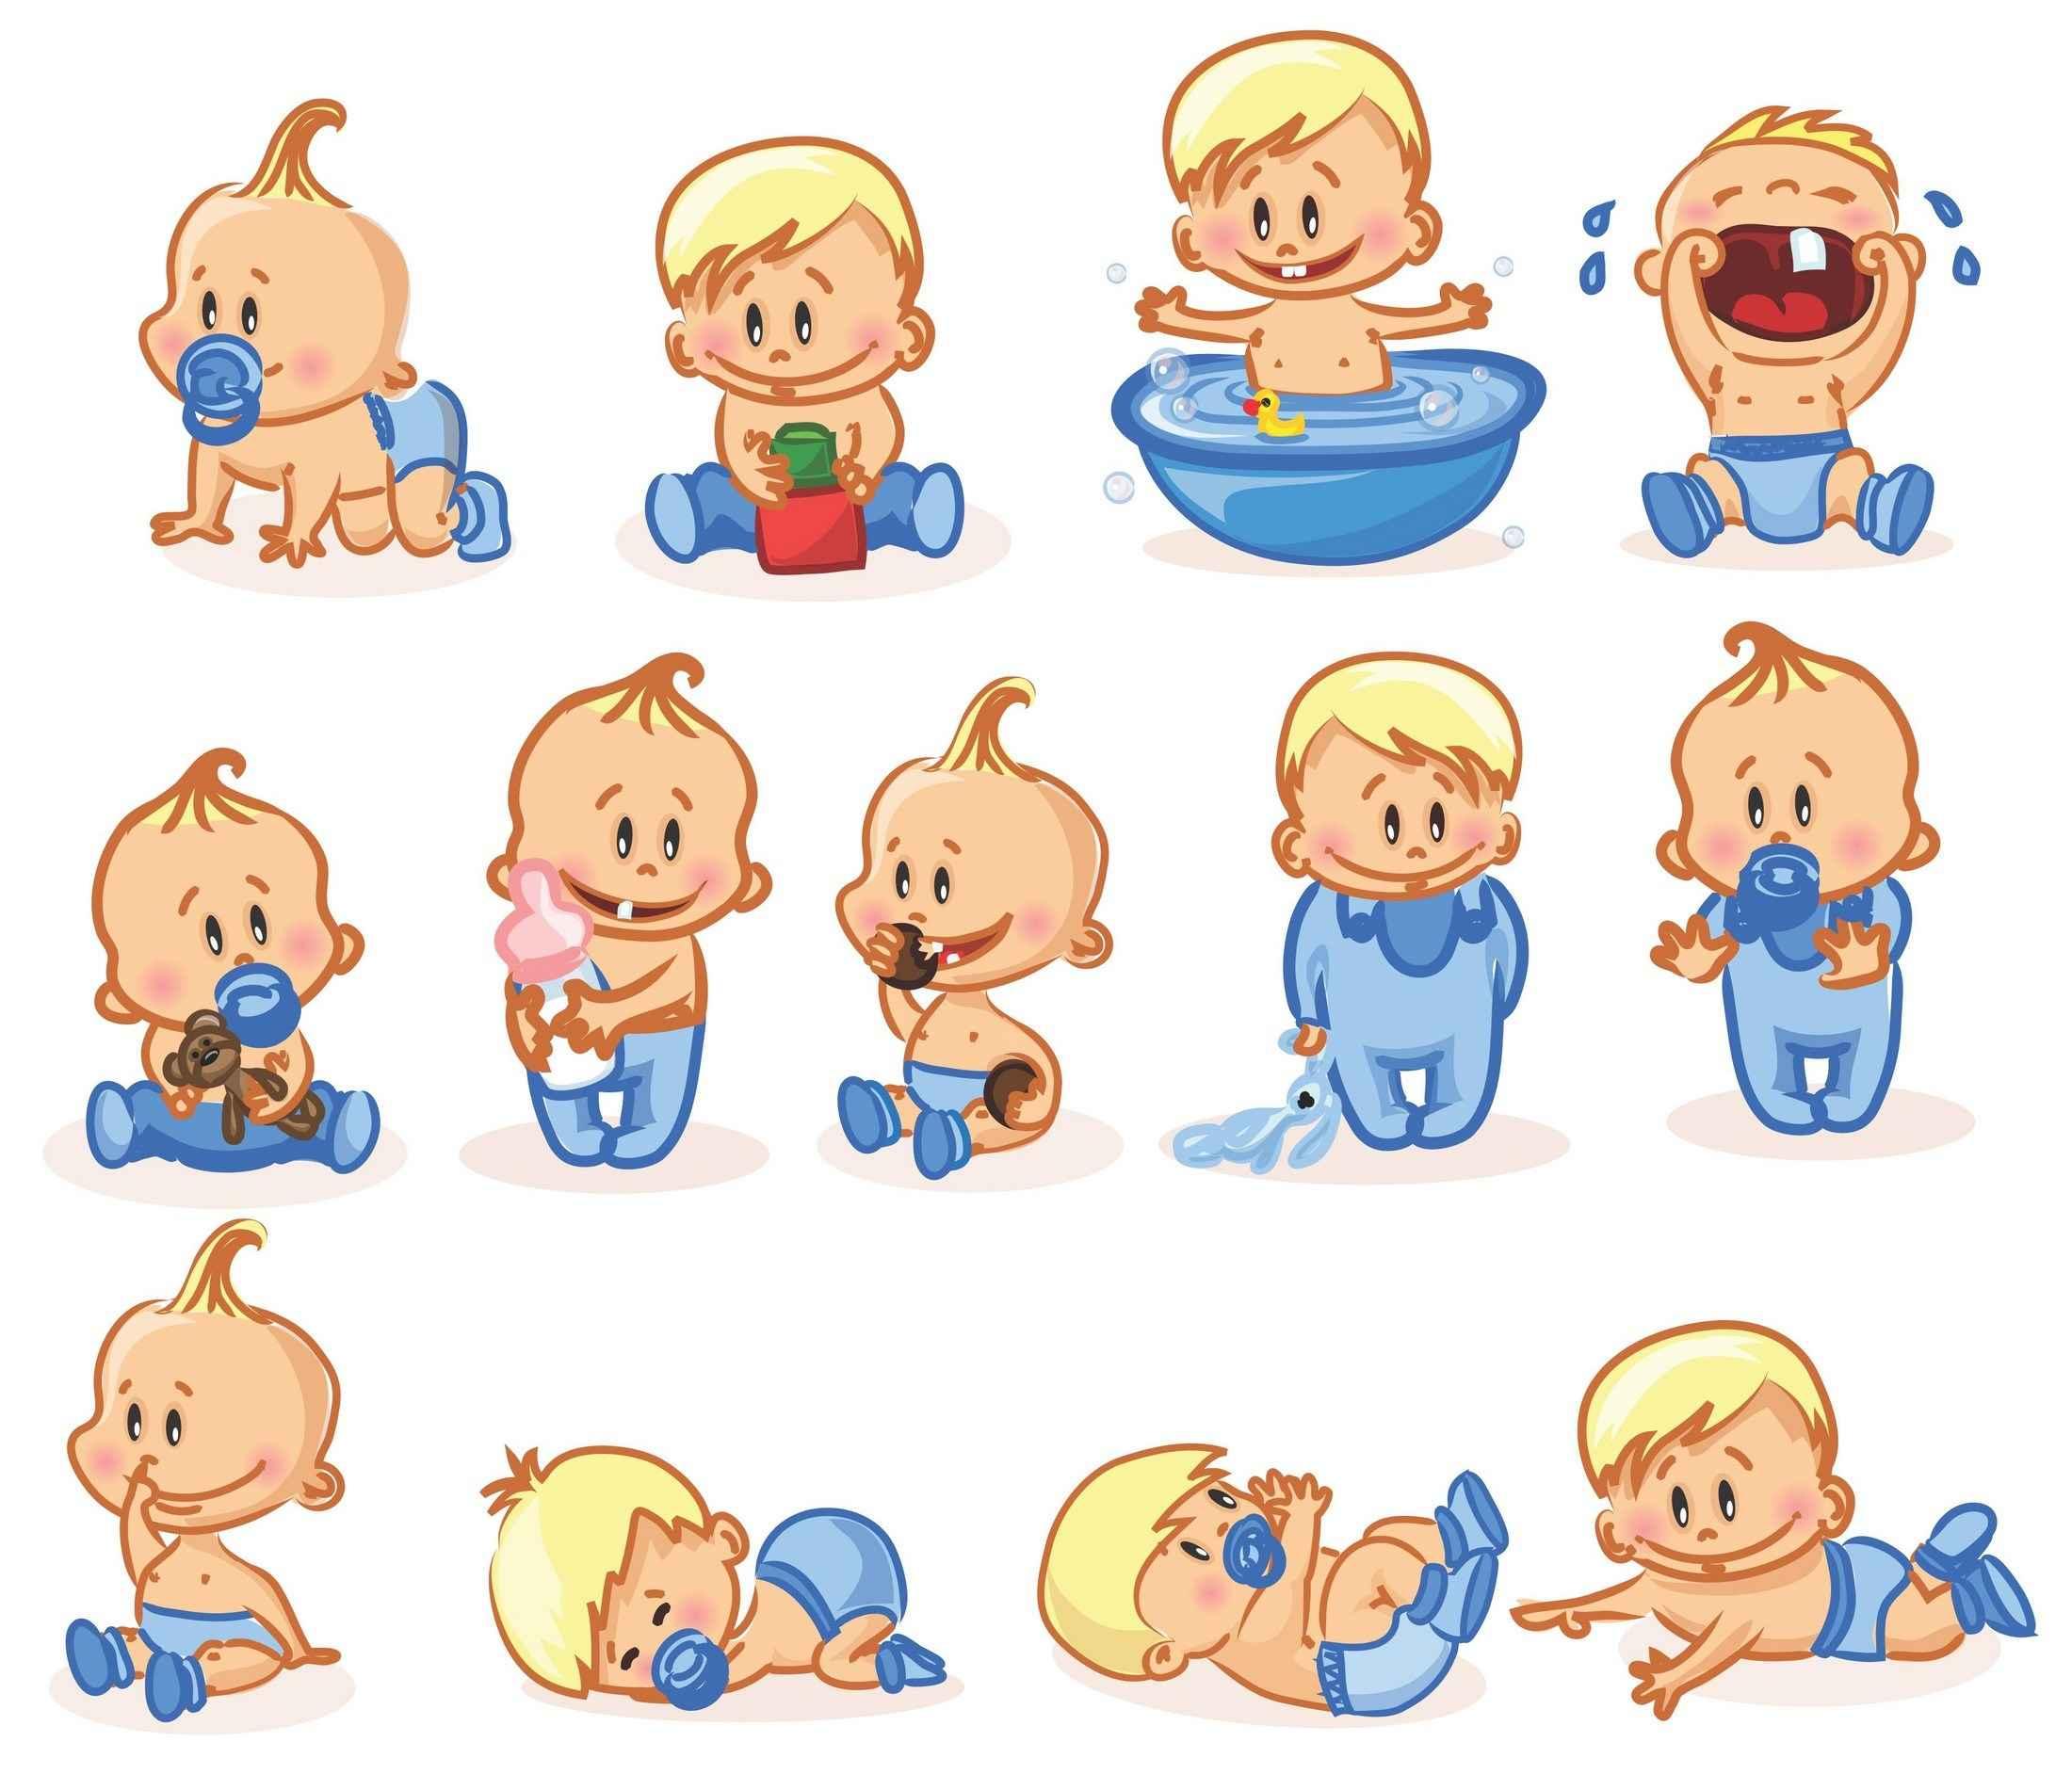 Cartoon Baby, Children, Kids, People png